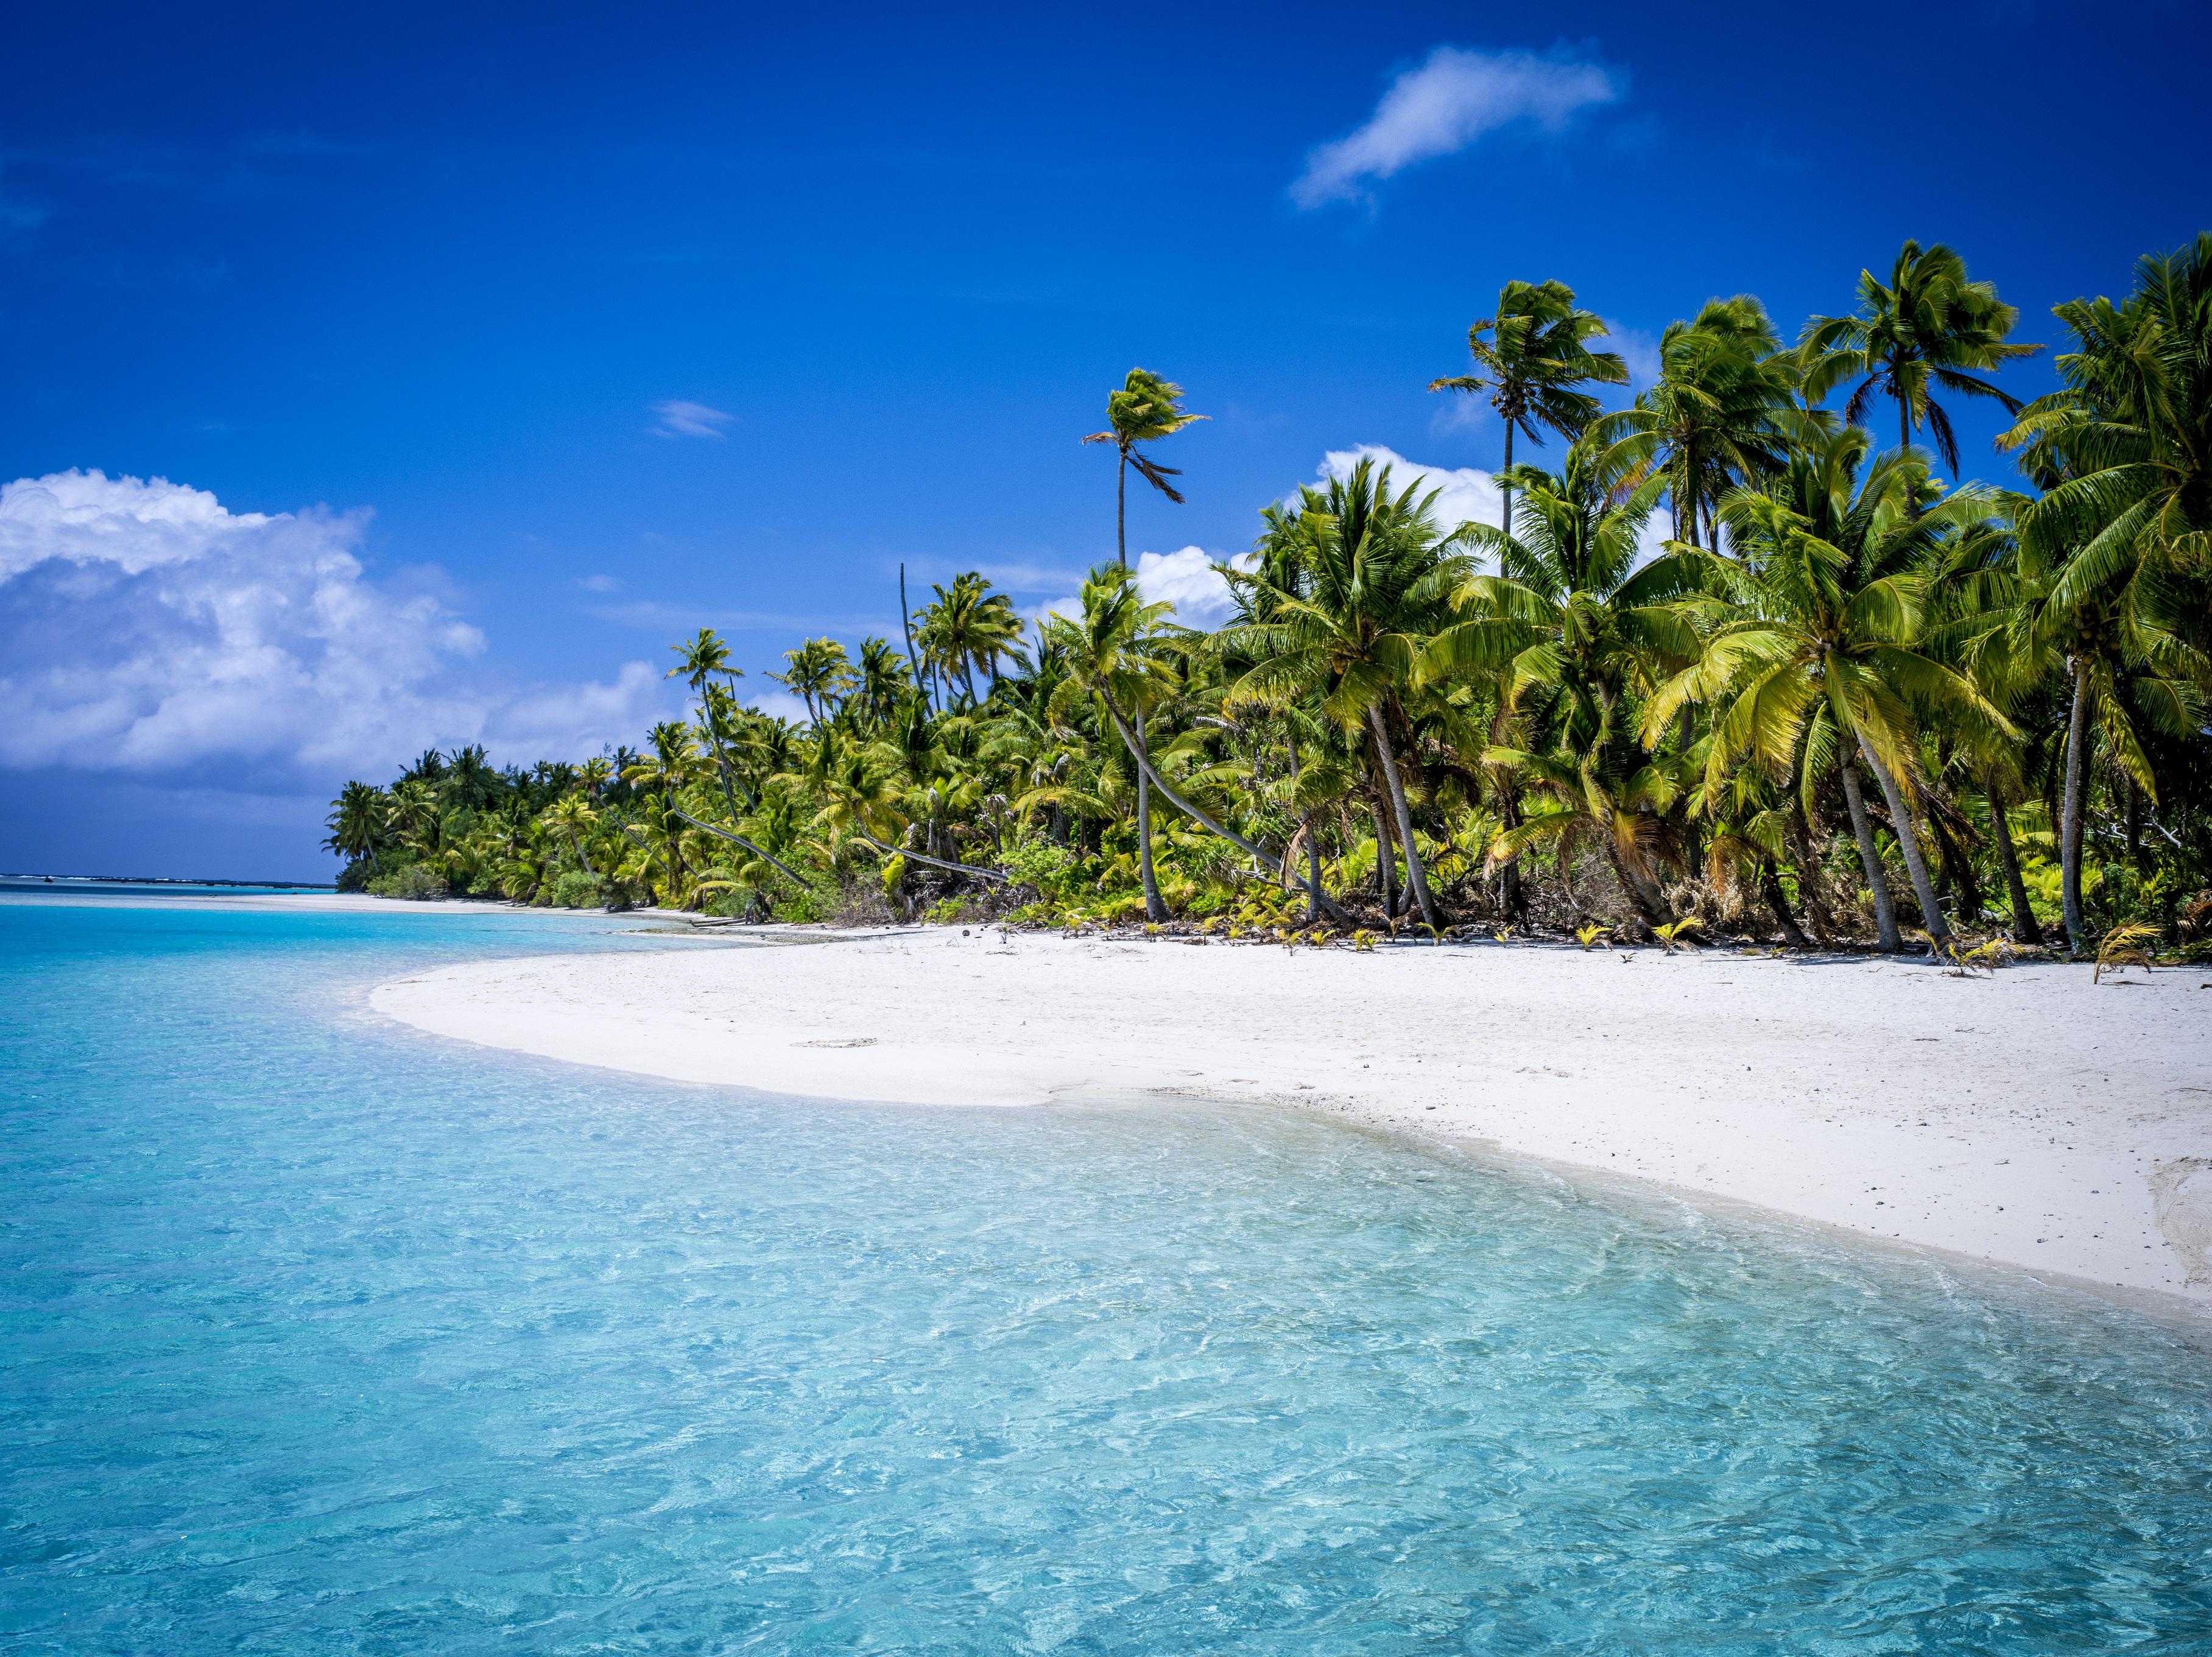 E' stato stabilito una sistema di bandiere installatefuori dalle case / Cook Island Travel